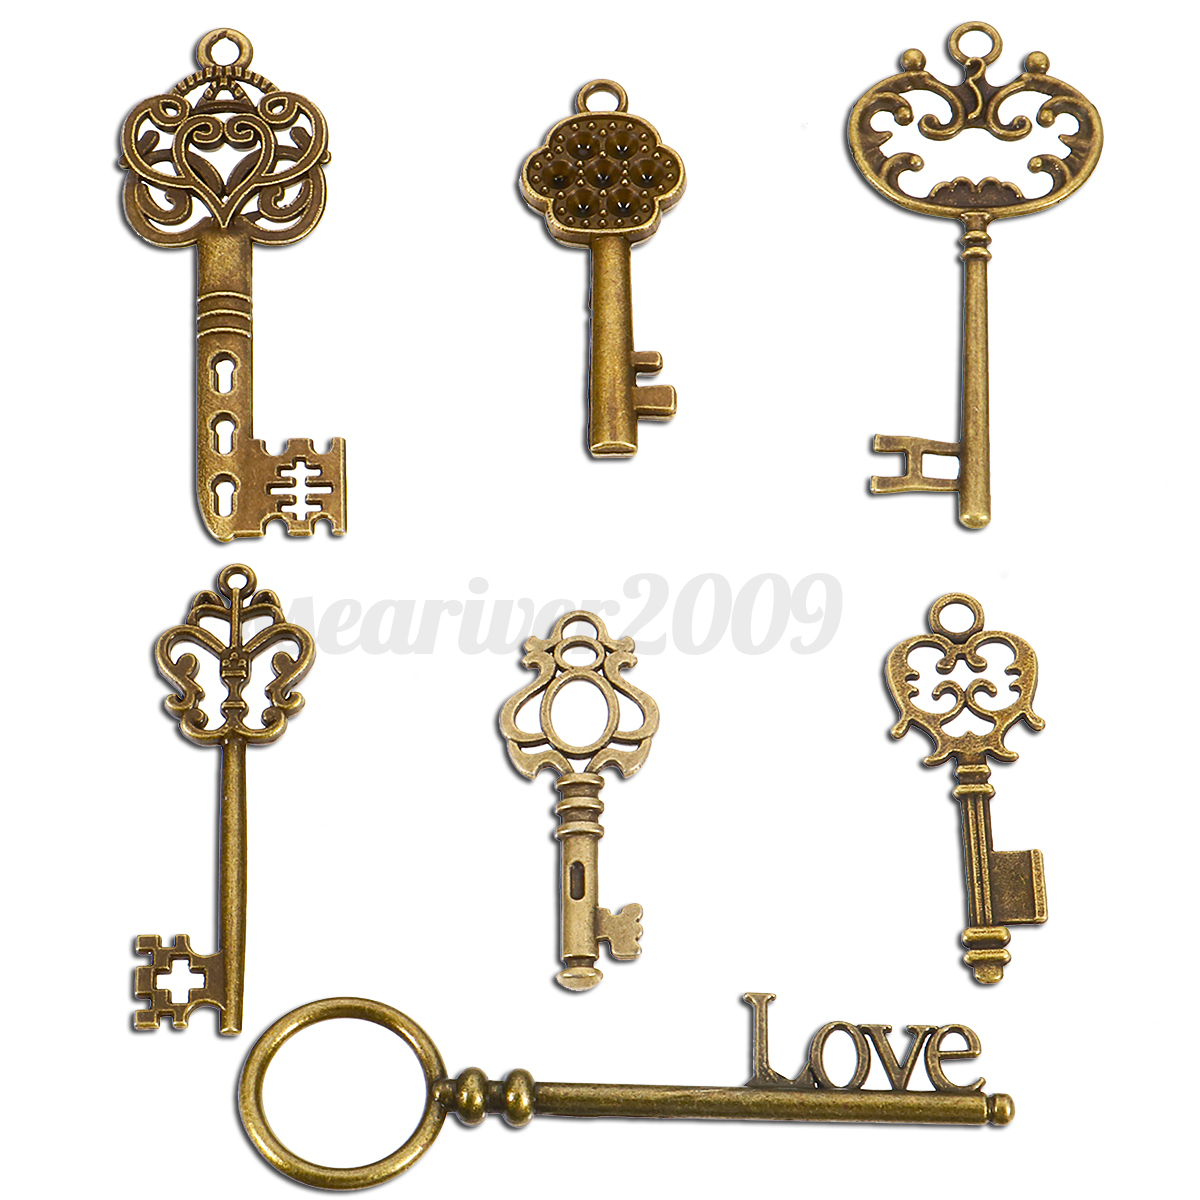 7 antique vintage old look skeleton keys lot bronze tone for Antique looking keys